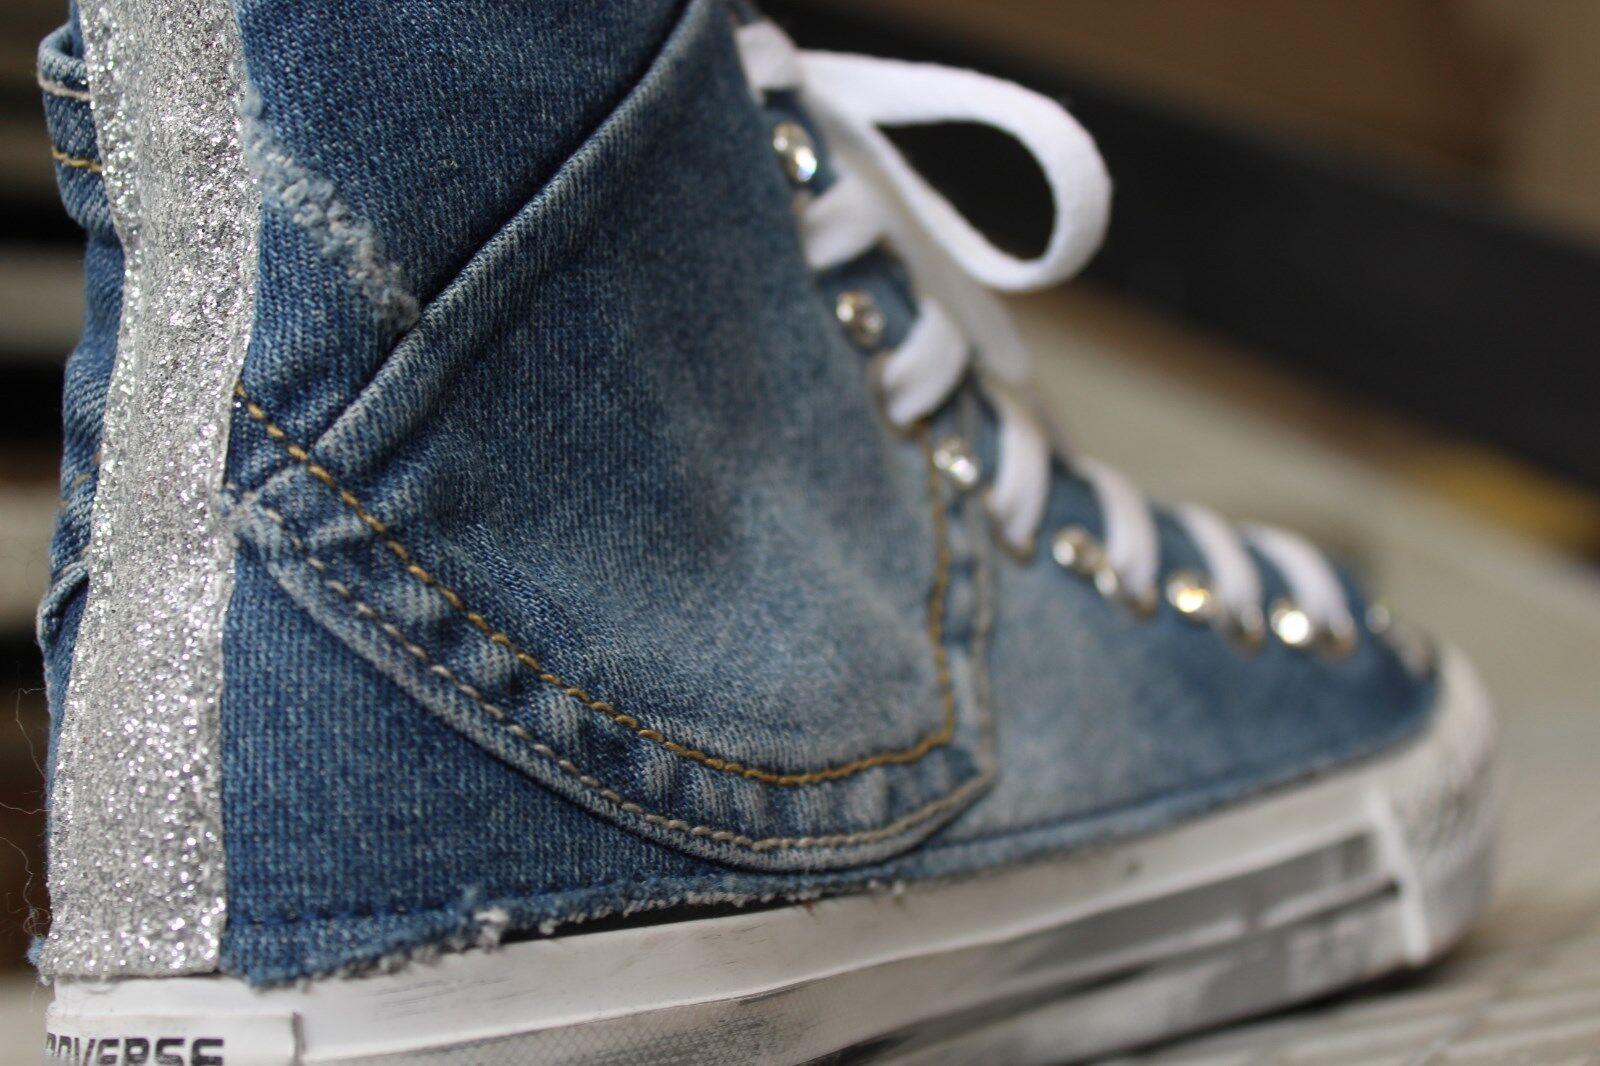 converse all star  con jeans piu' piu' piu' glitter fino argento e swaroski piu' sporcatur 2332f5